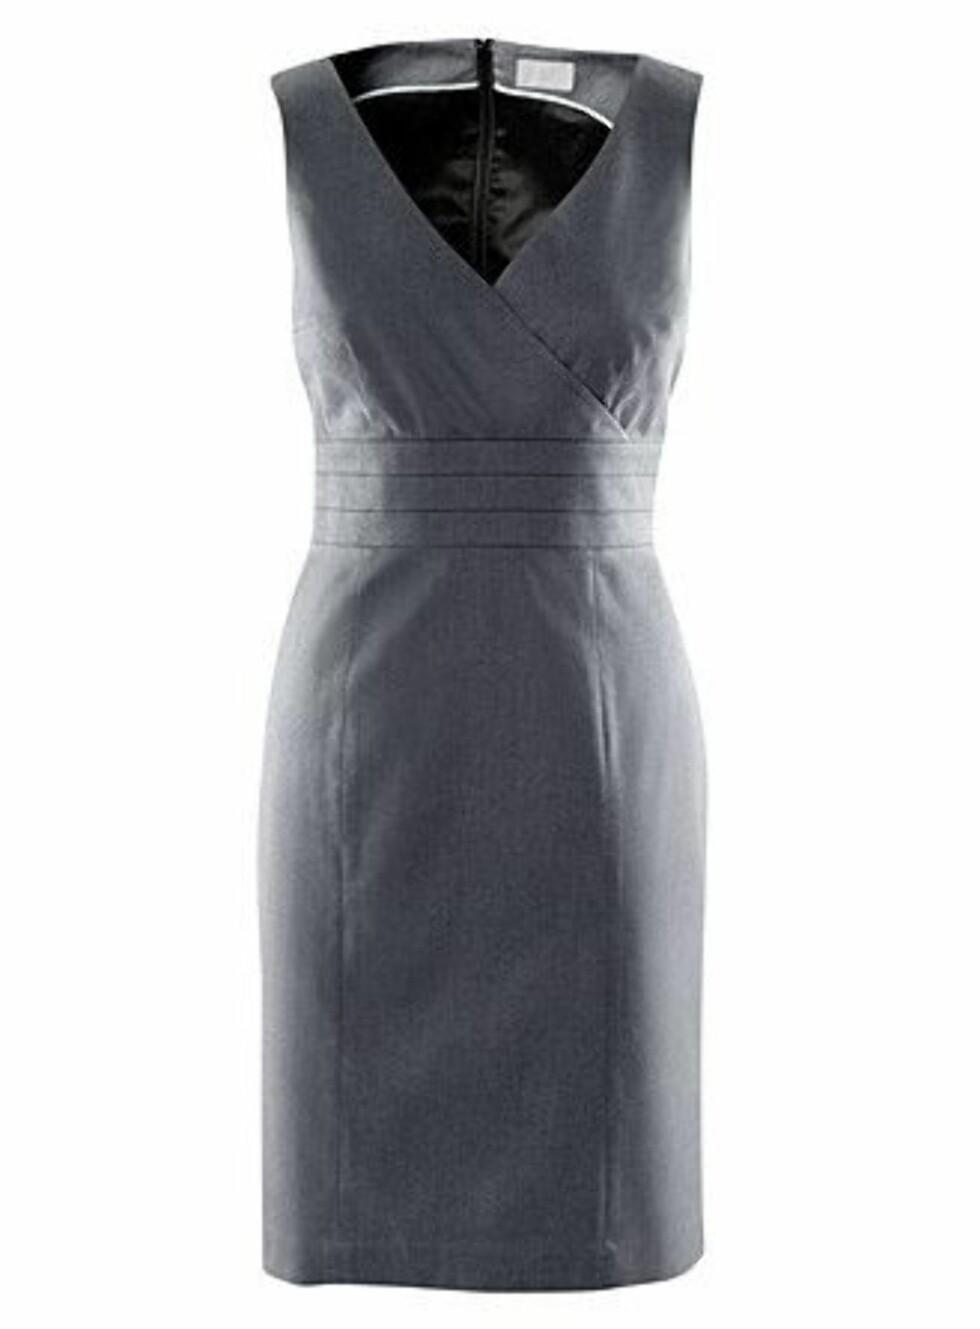 Figurnær kjole i strukturert stoff, fra H&M, kr 299. Foto: Produsenten